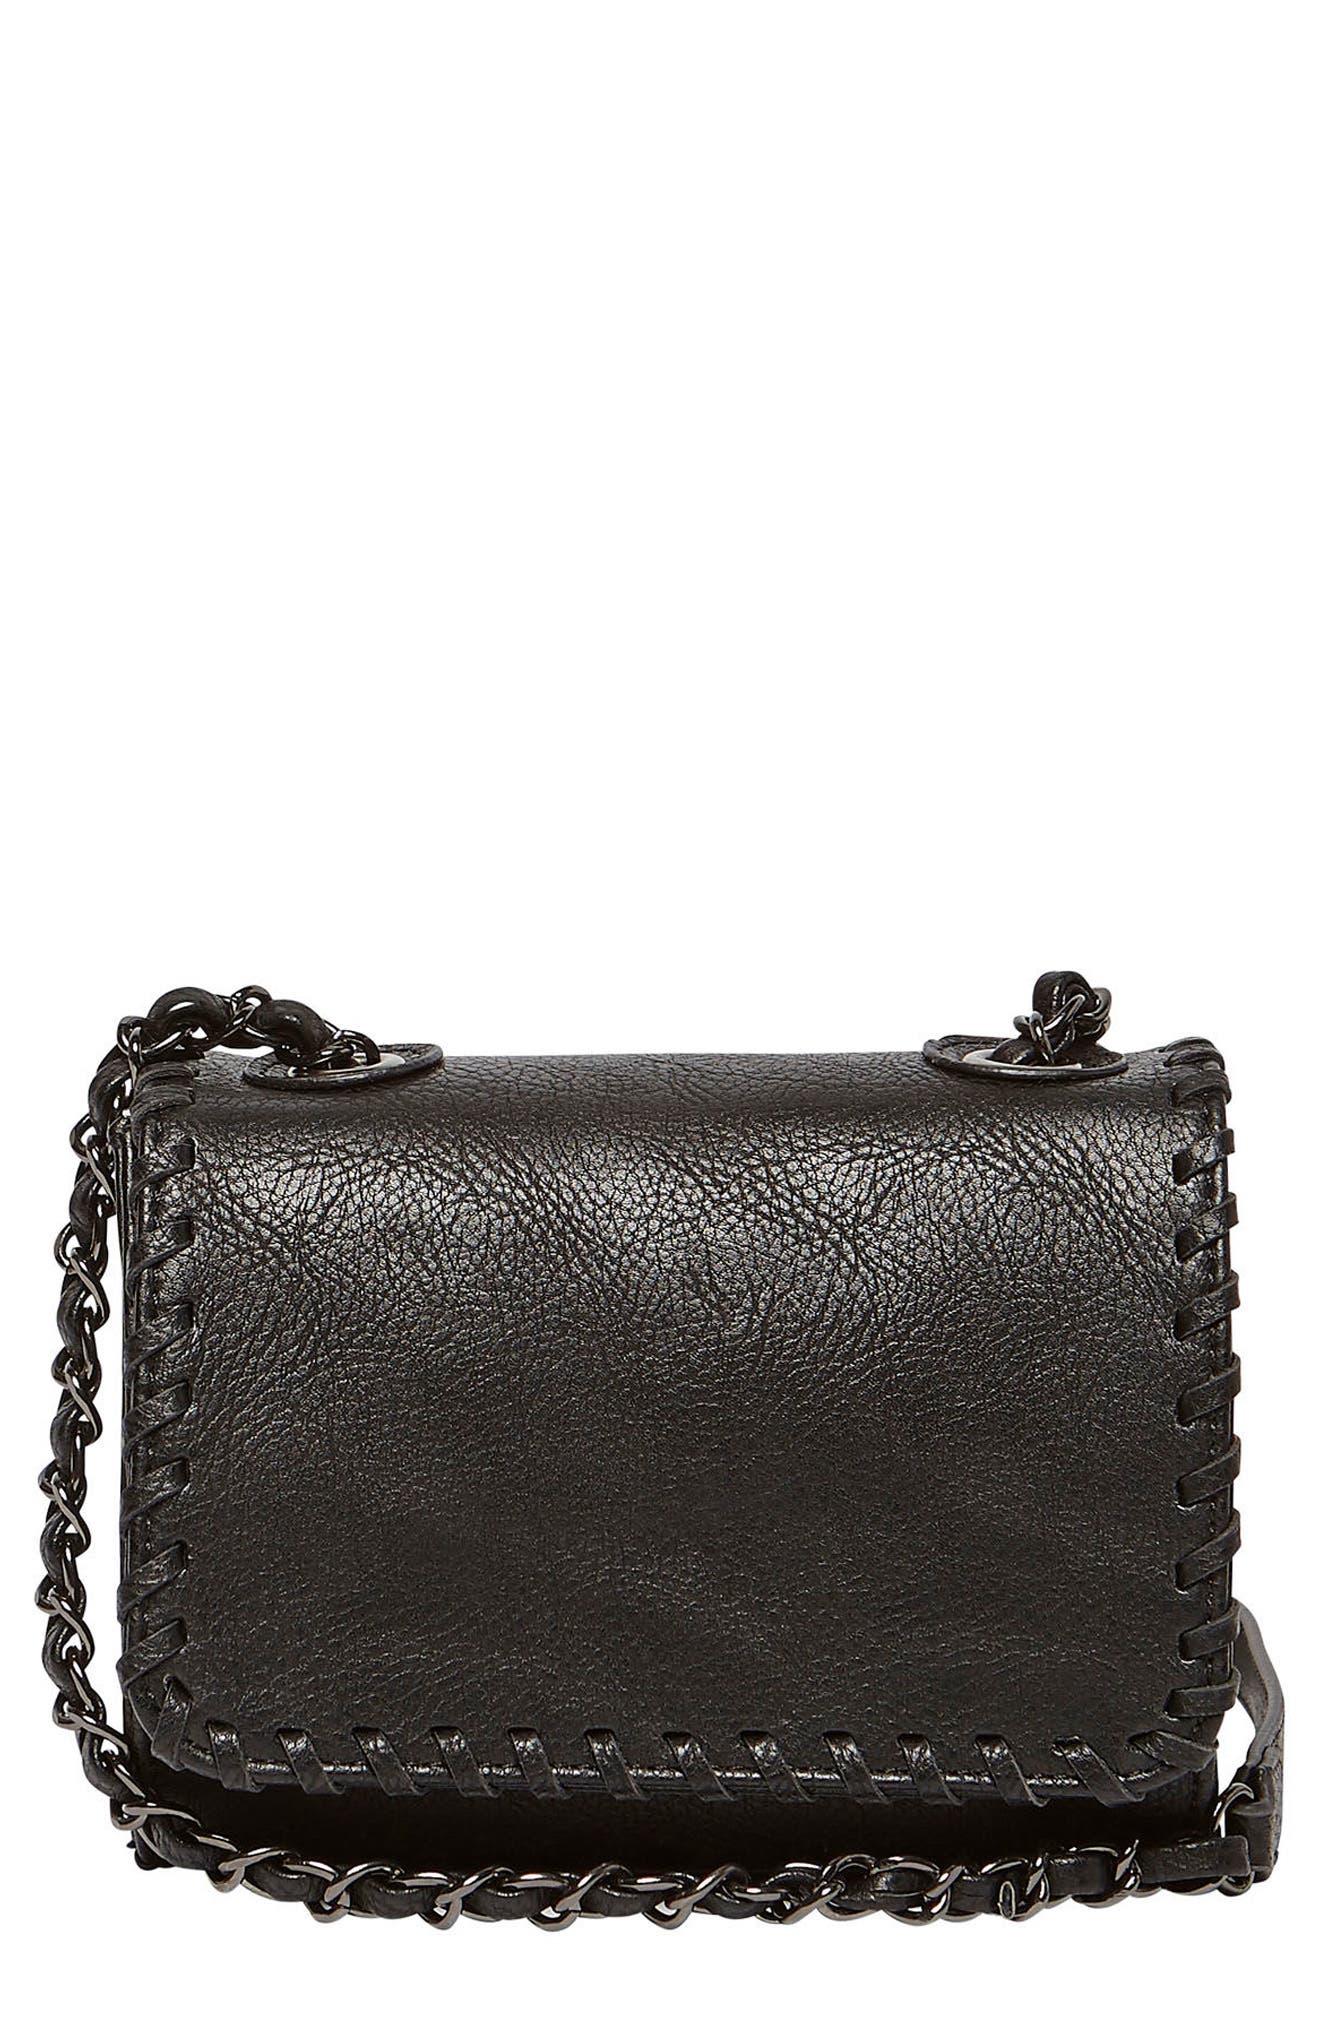 Loveliness Vegan Leather Shoulder Bag,                             Main thumbnail 1, color,                             Black